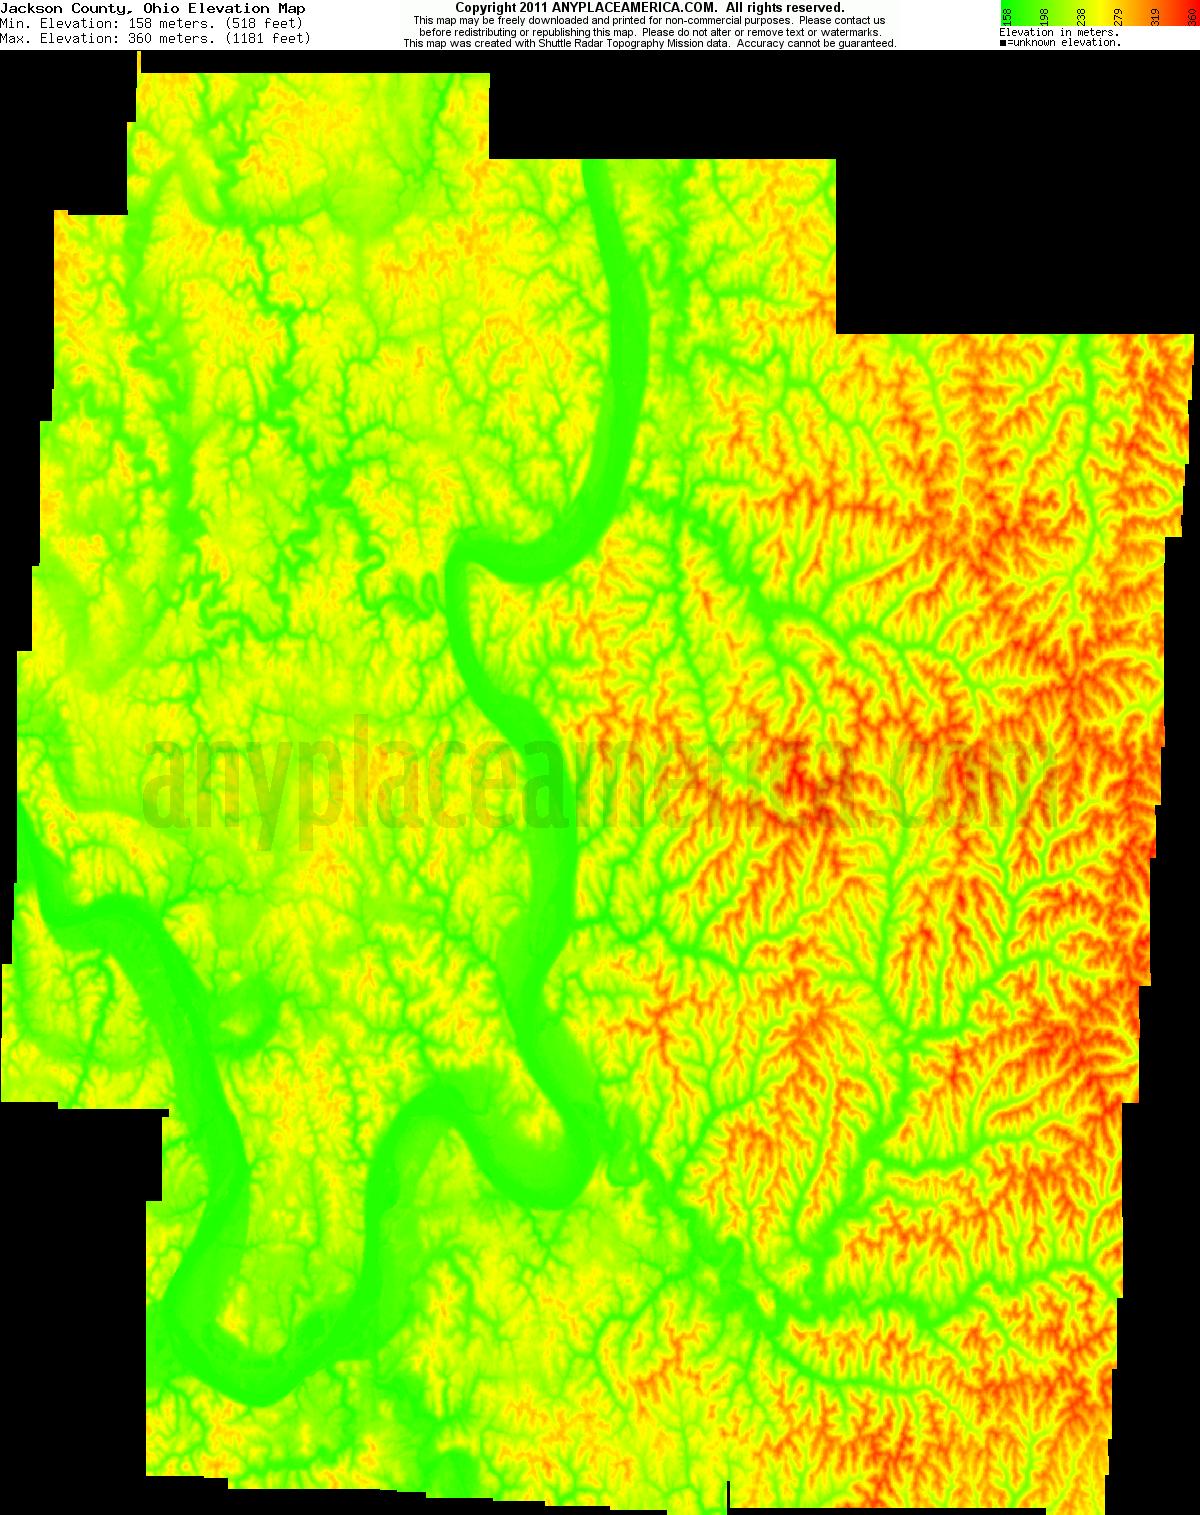 Jackson, Ohio elevation map